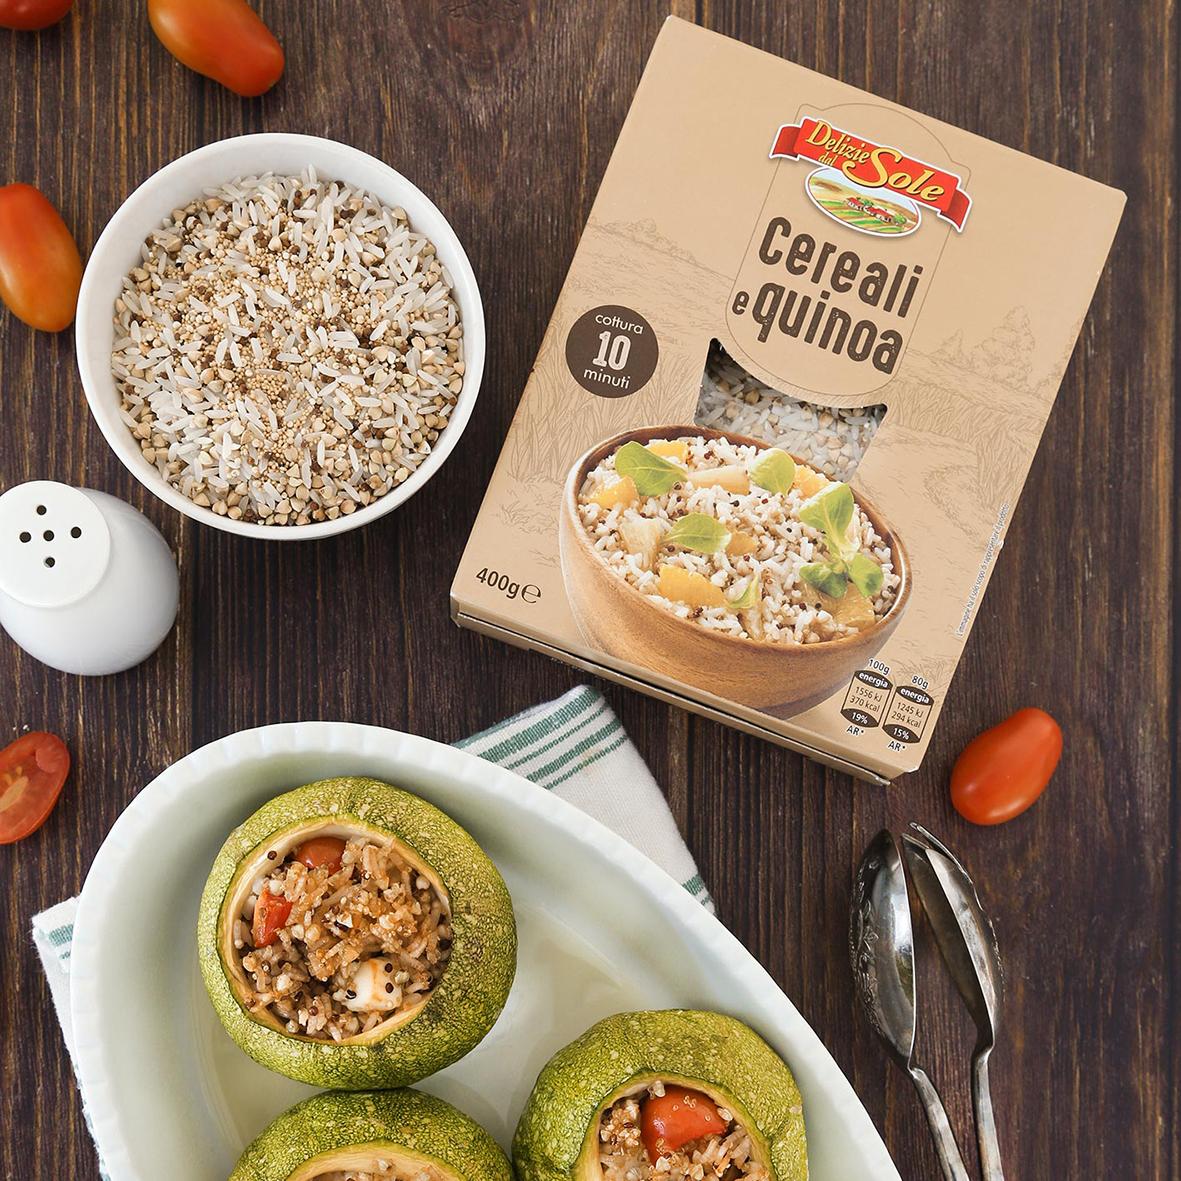 Zucchine ripiene di cereali e quinoa con feta e datterini